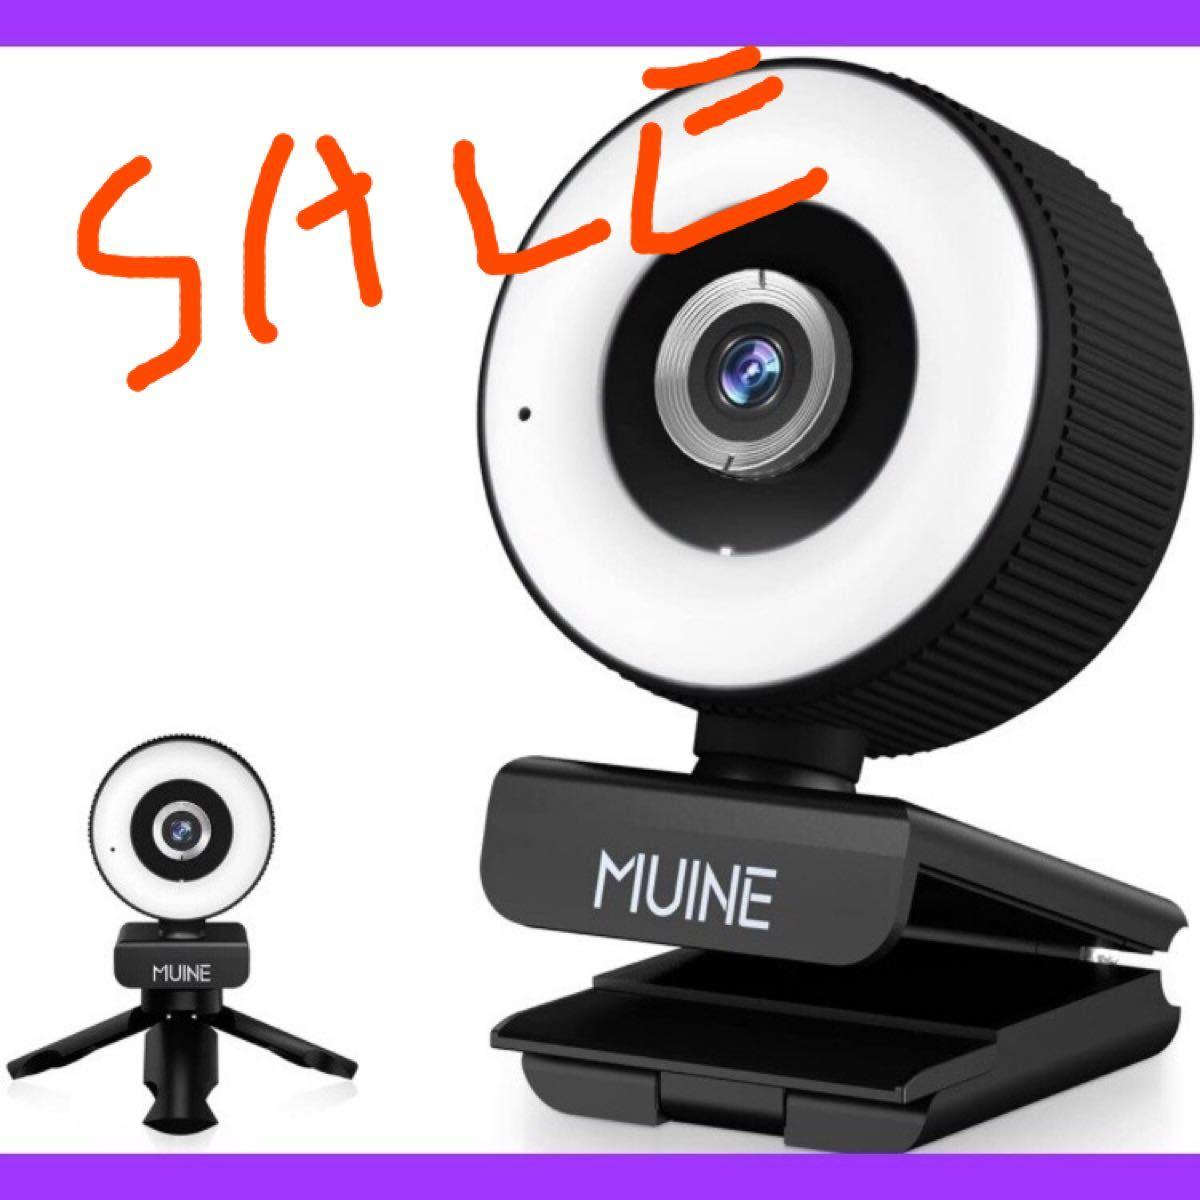 WEBカメラ ウェブカメラ 高画質 フルHD1080P 200万画素 オートフォーカス 三脚付き リングライト LEDライト付き